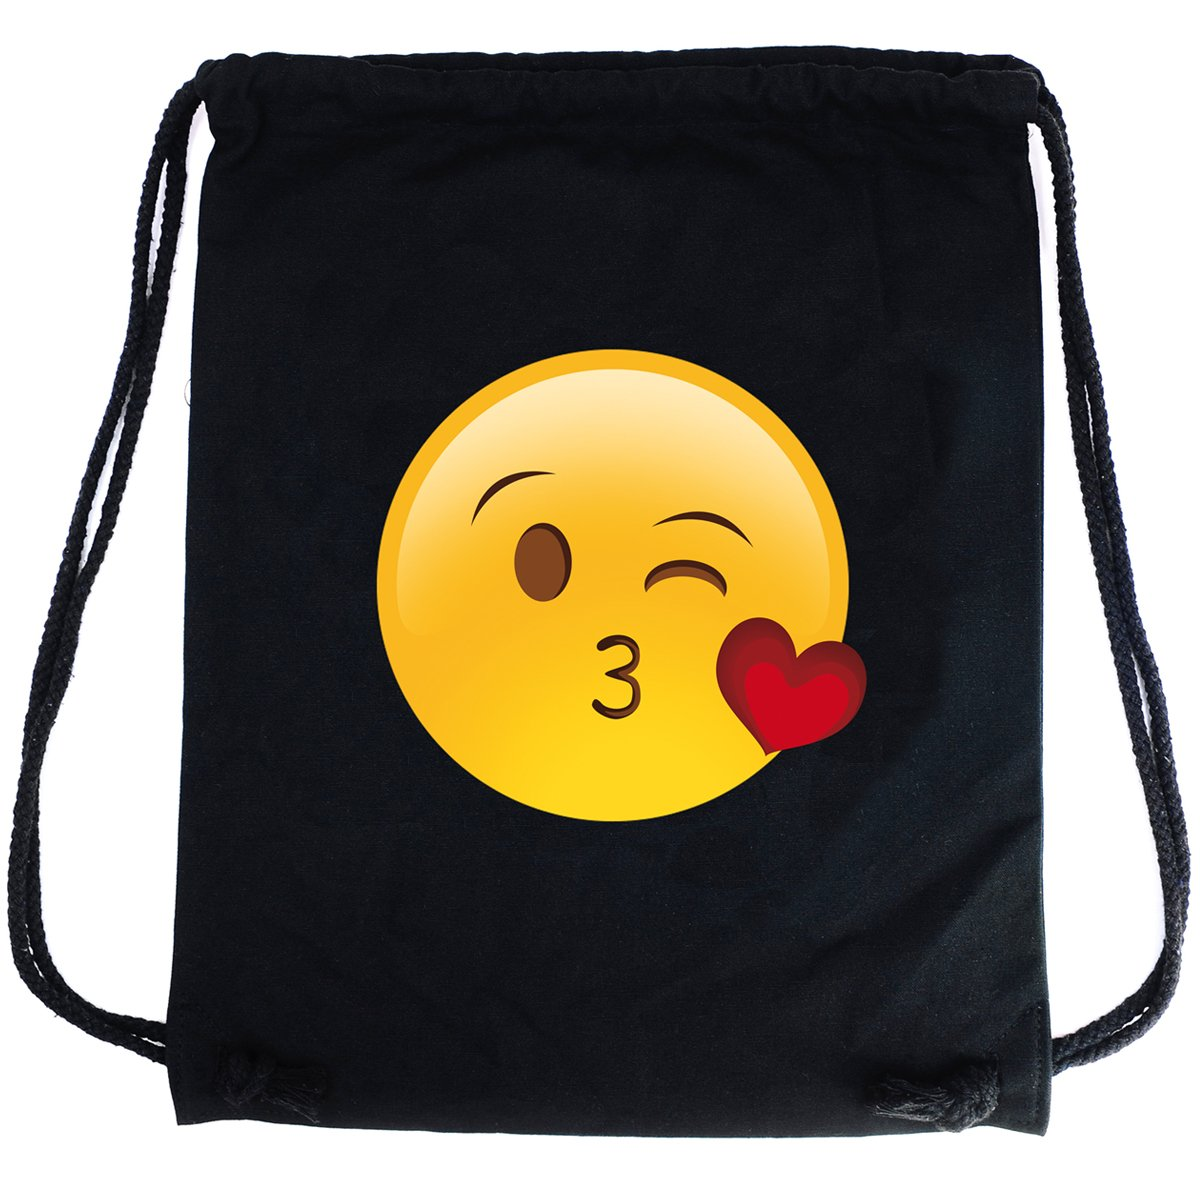 Premyo Sac à Dos Cordon Avec Emoji Smiley Bisou Coeur Sac à Cordon